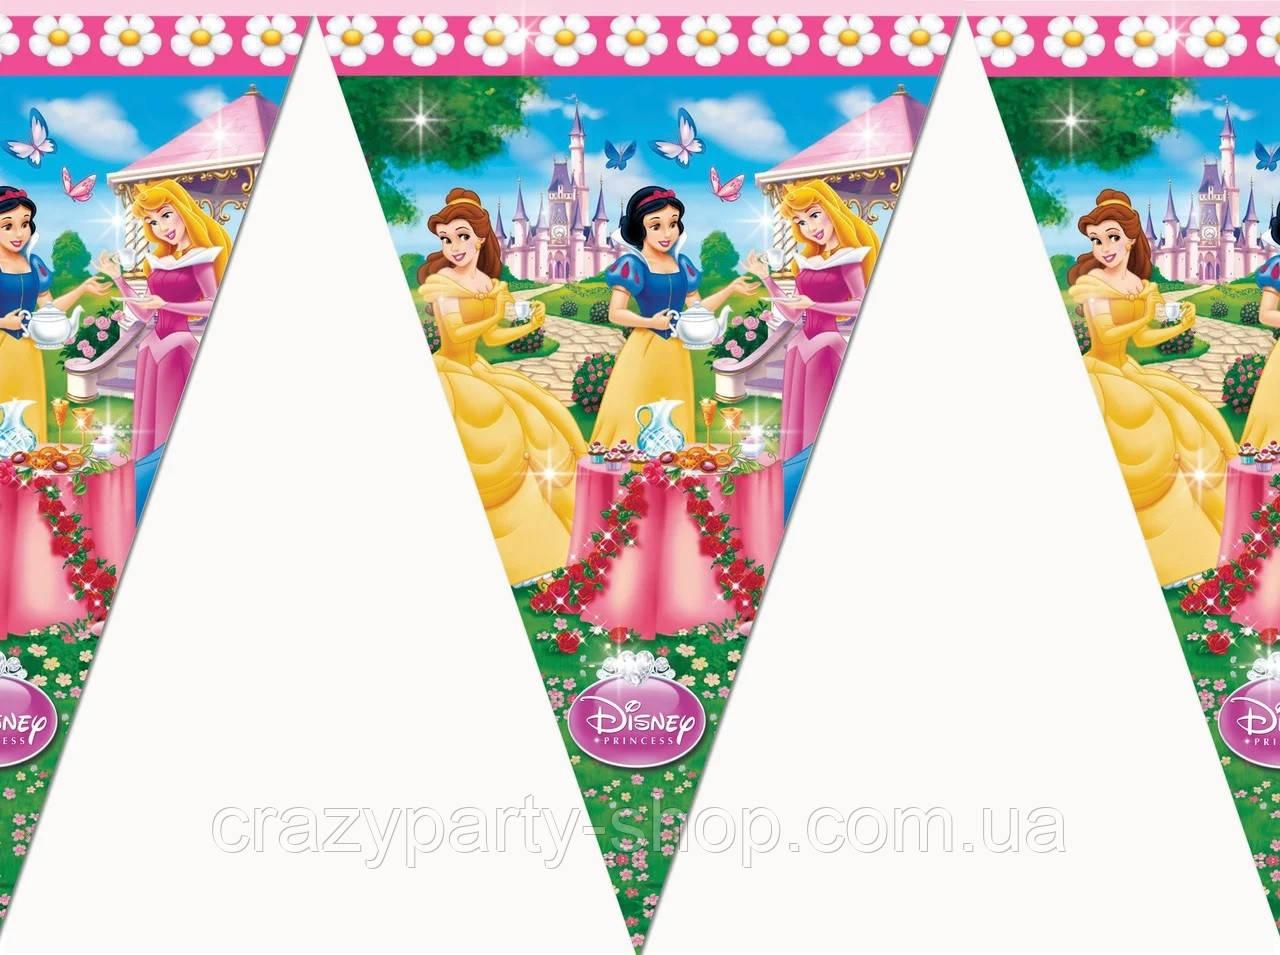 Гирлянда-флажки Принцессы Дисней